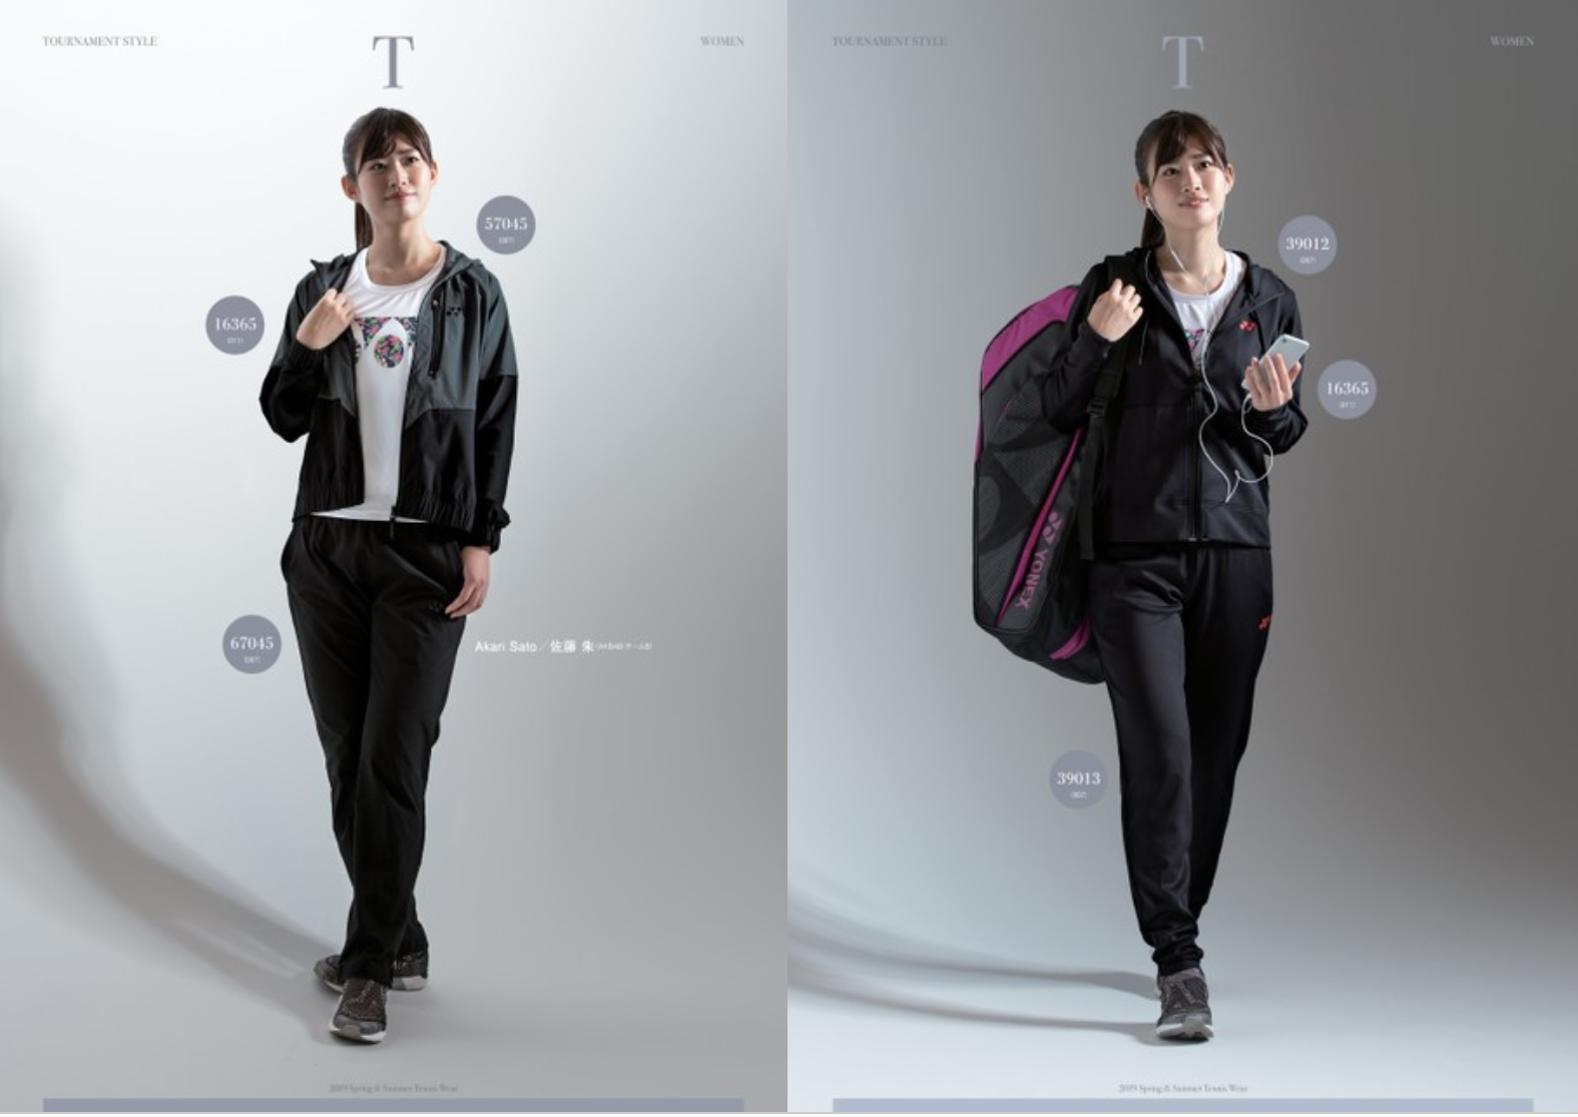 佐藤朱がモデルを務めるヨネックスのデジタルカタログ